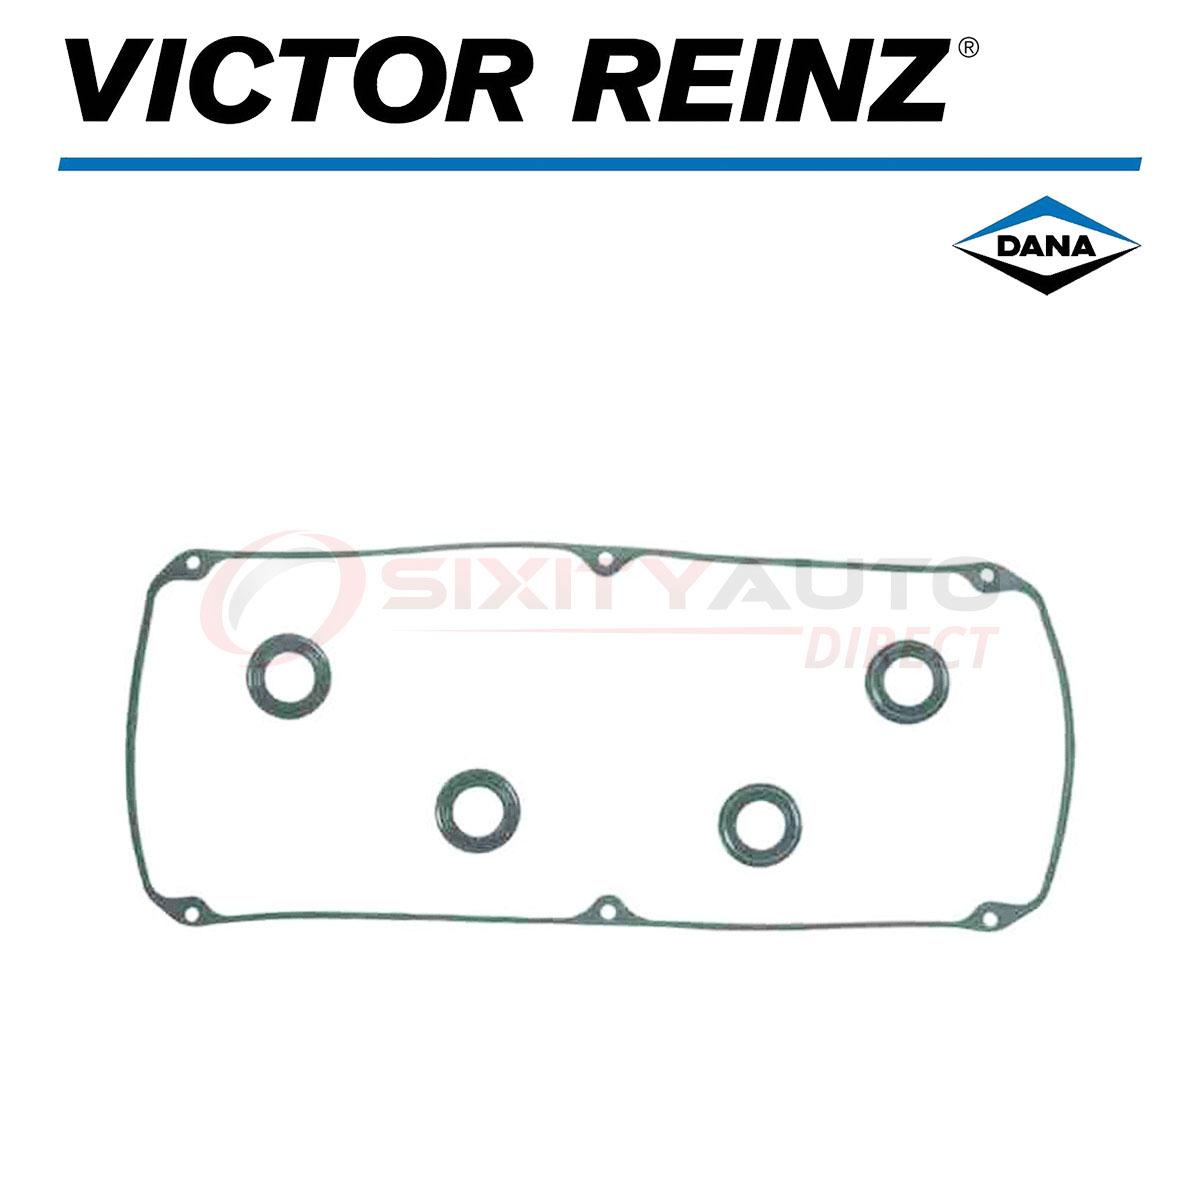 Victor Reinz Valve Cover Gasket Set for 1996-1999